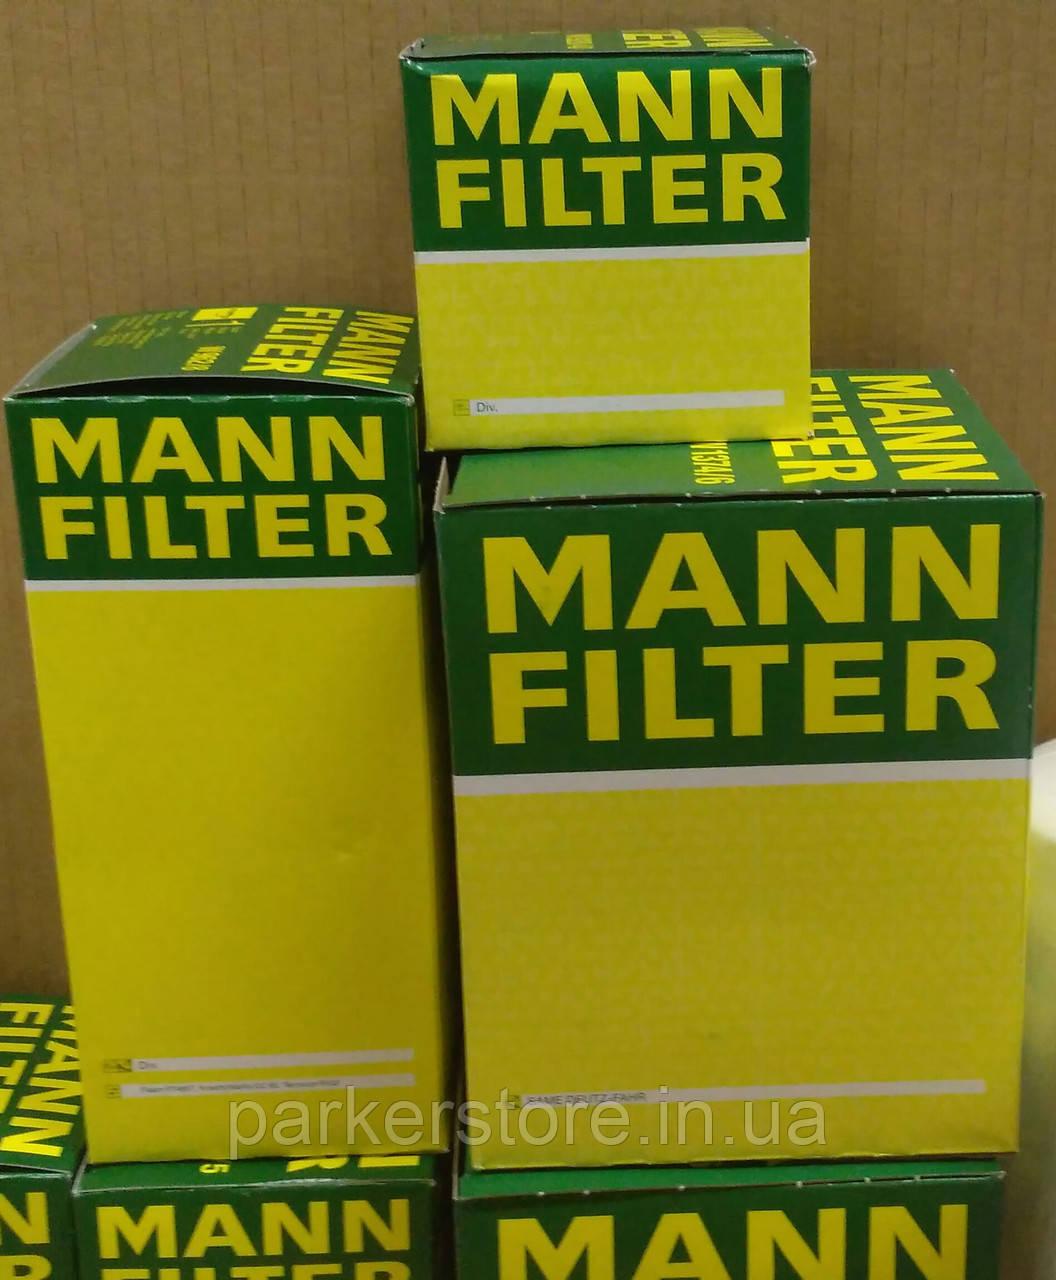 MANN FILTER / Повітряний фільтр / C 30 375 / C30375